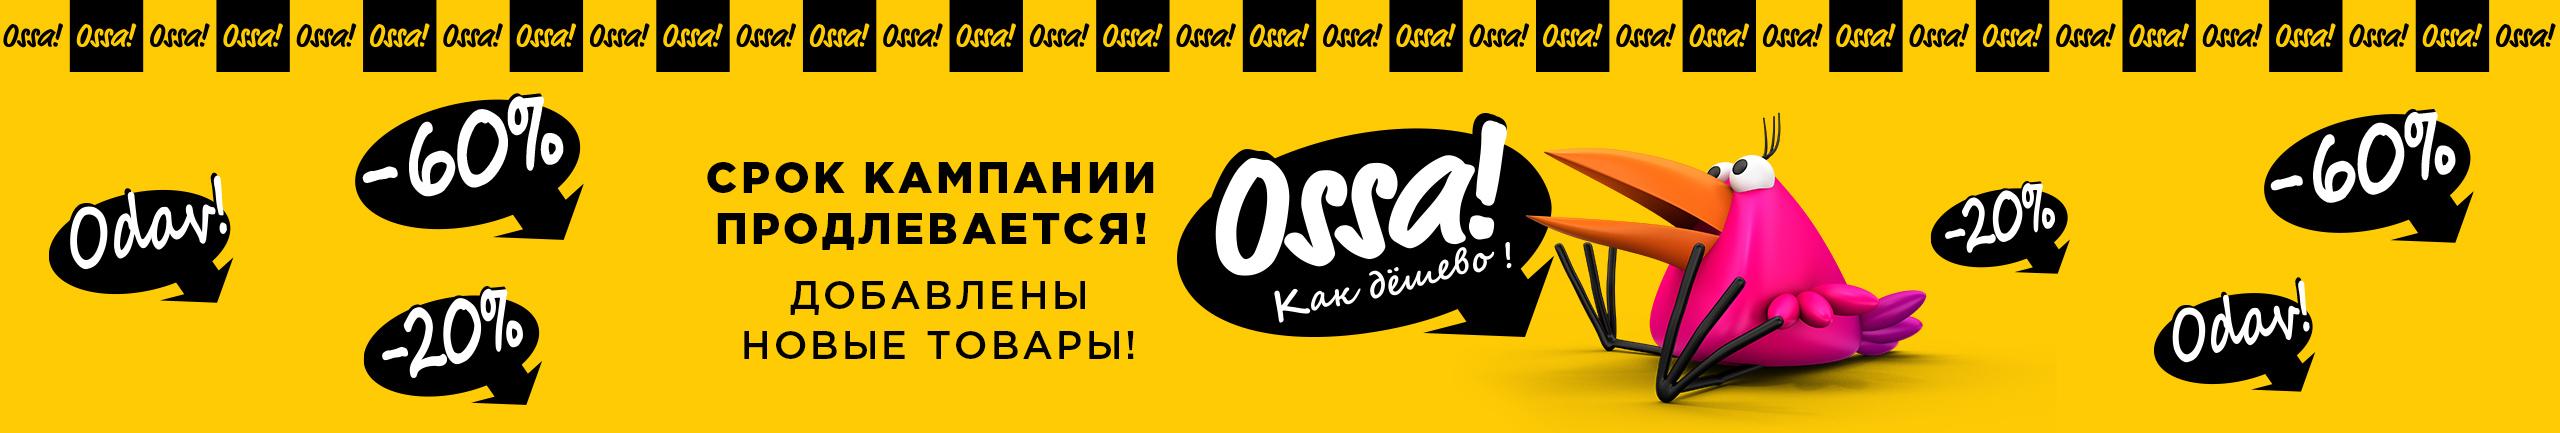 FronPageLarge Ossa! Срок кампании продлевается